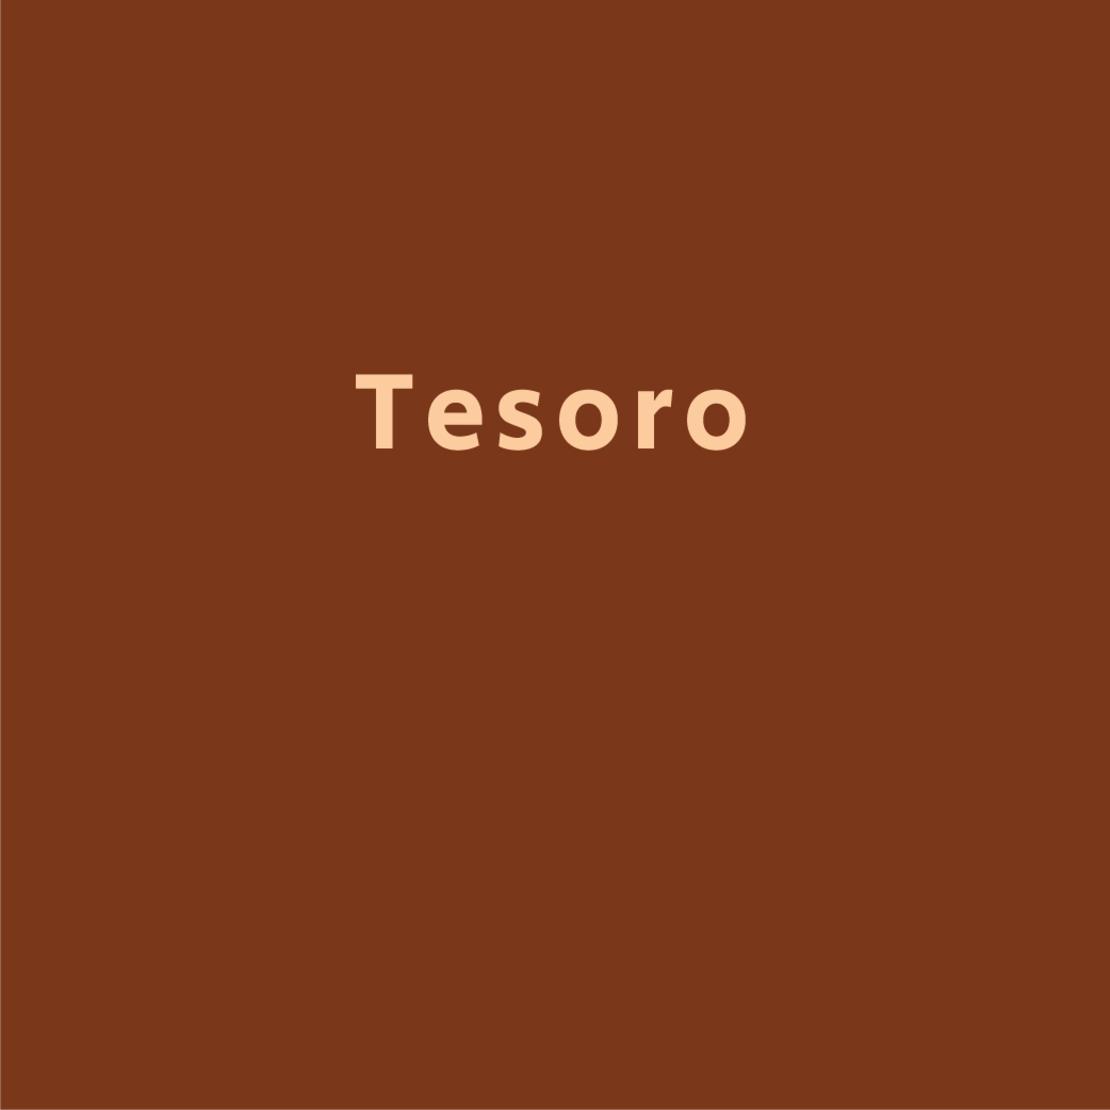 טזורו